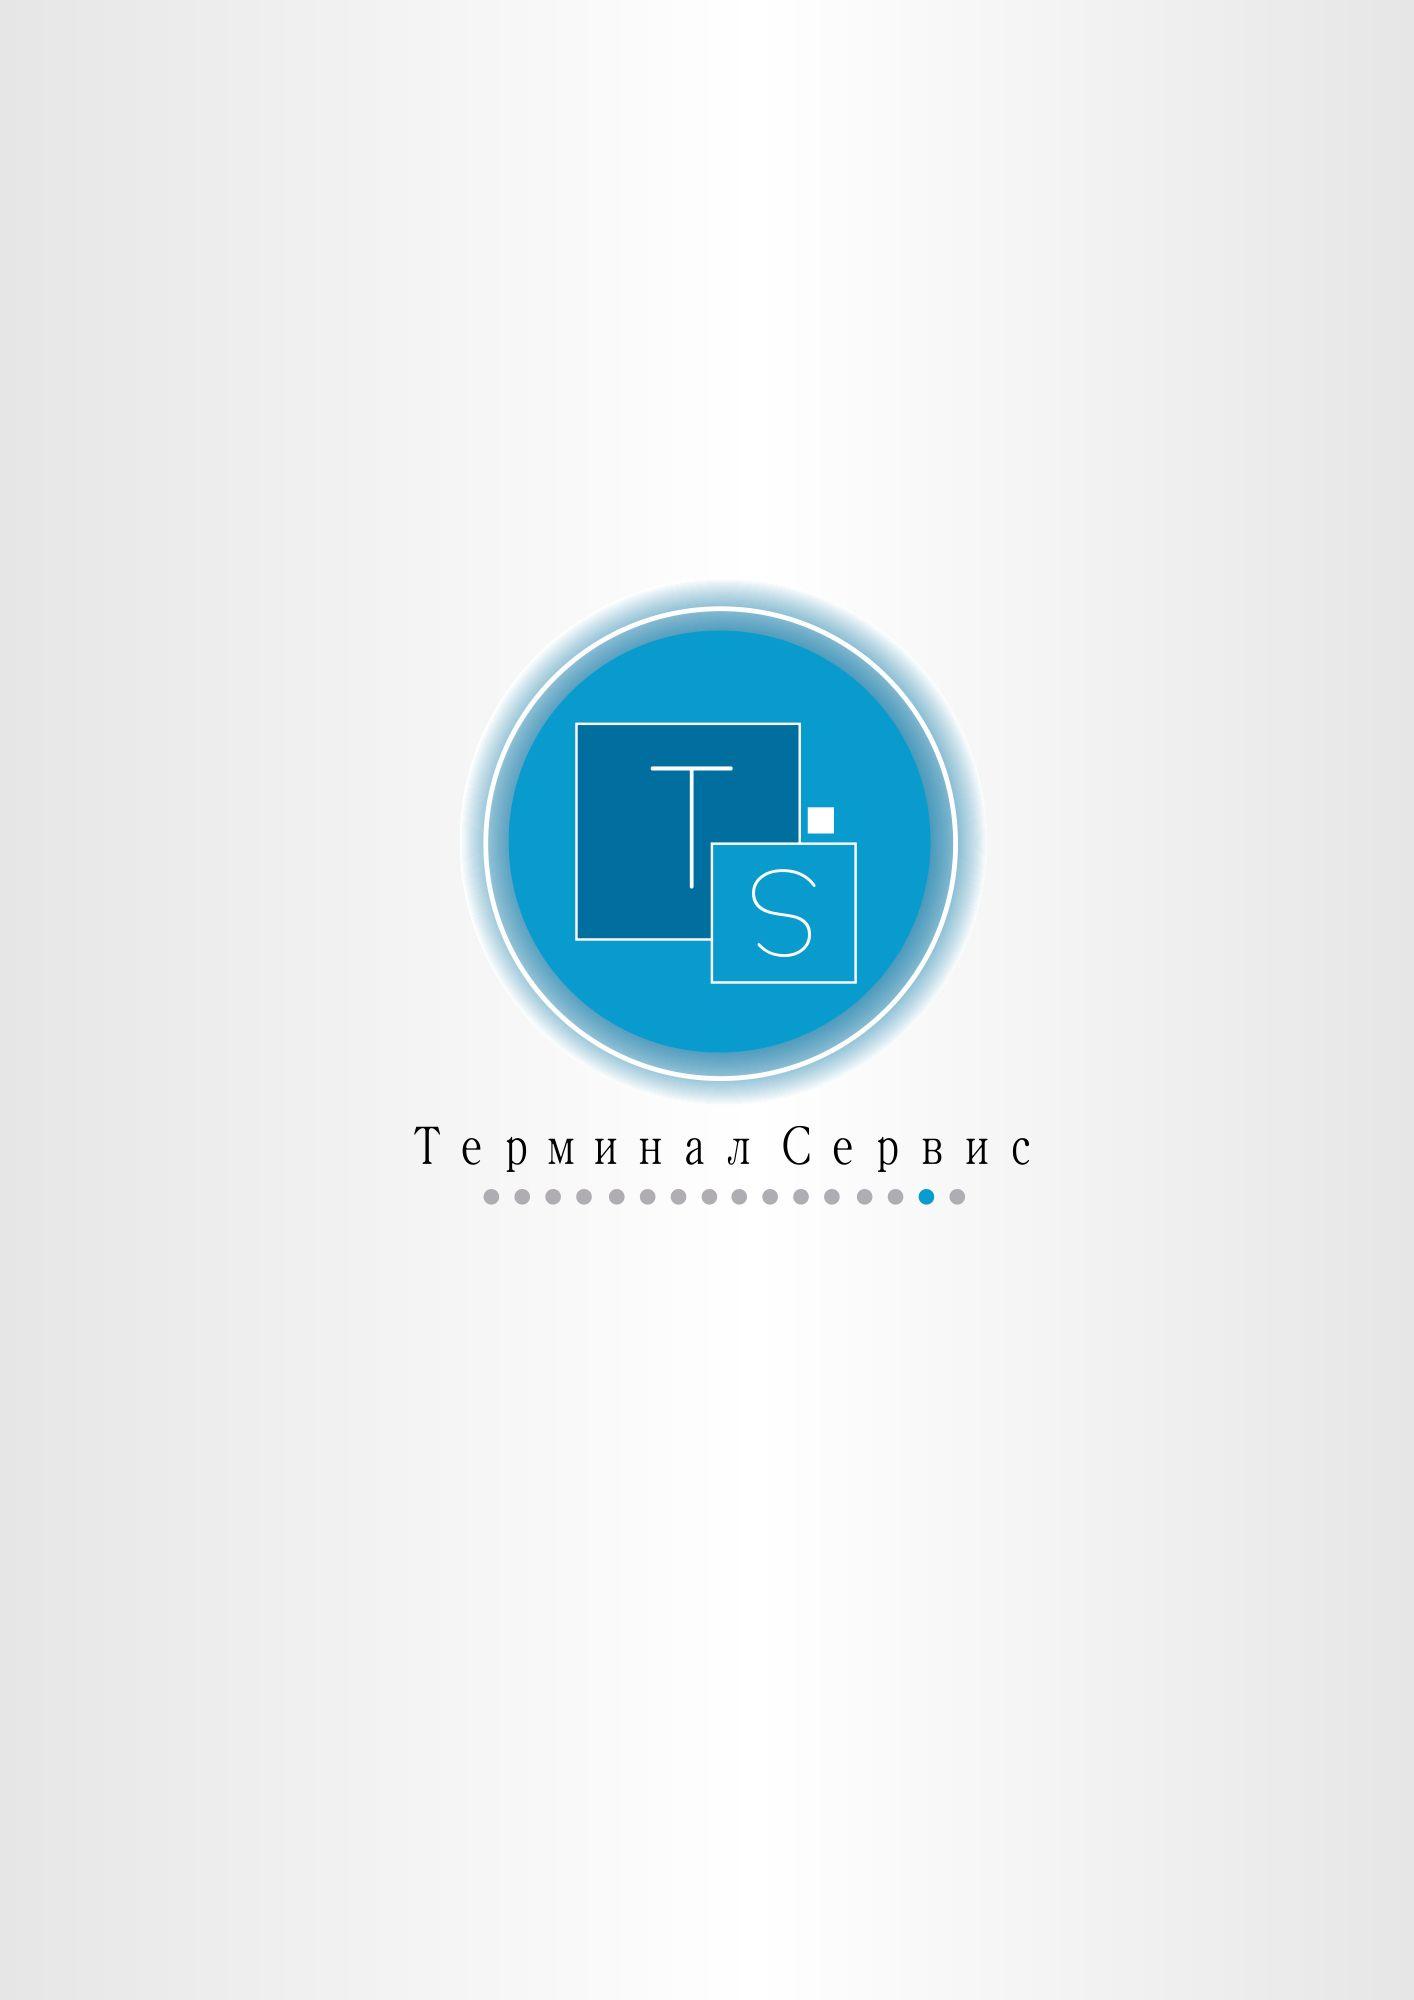 Требуется обновление логотипа компании - дизайнер Artfoth